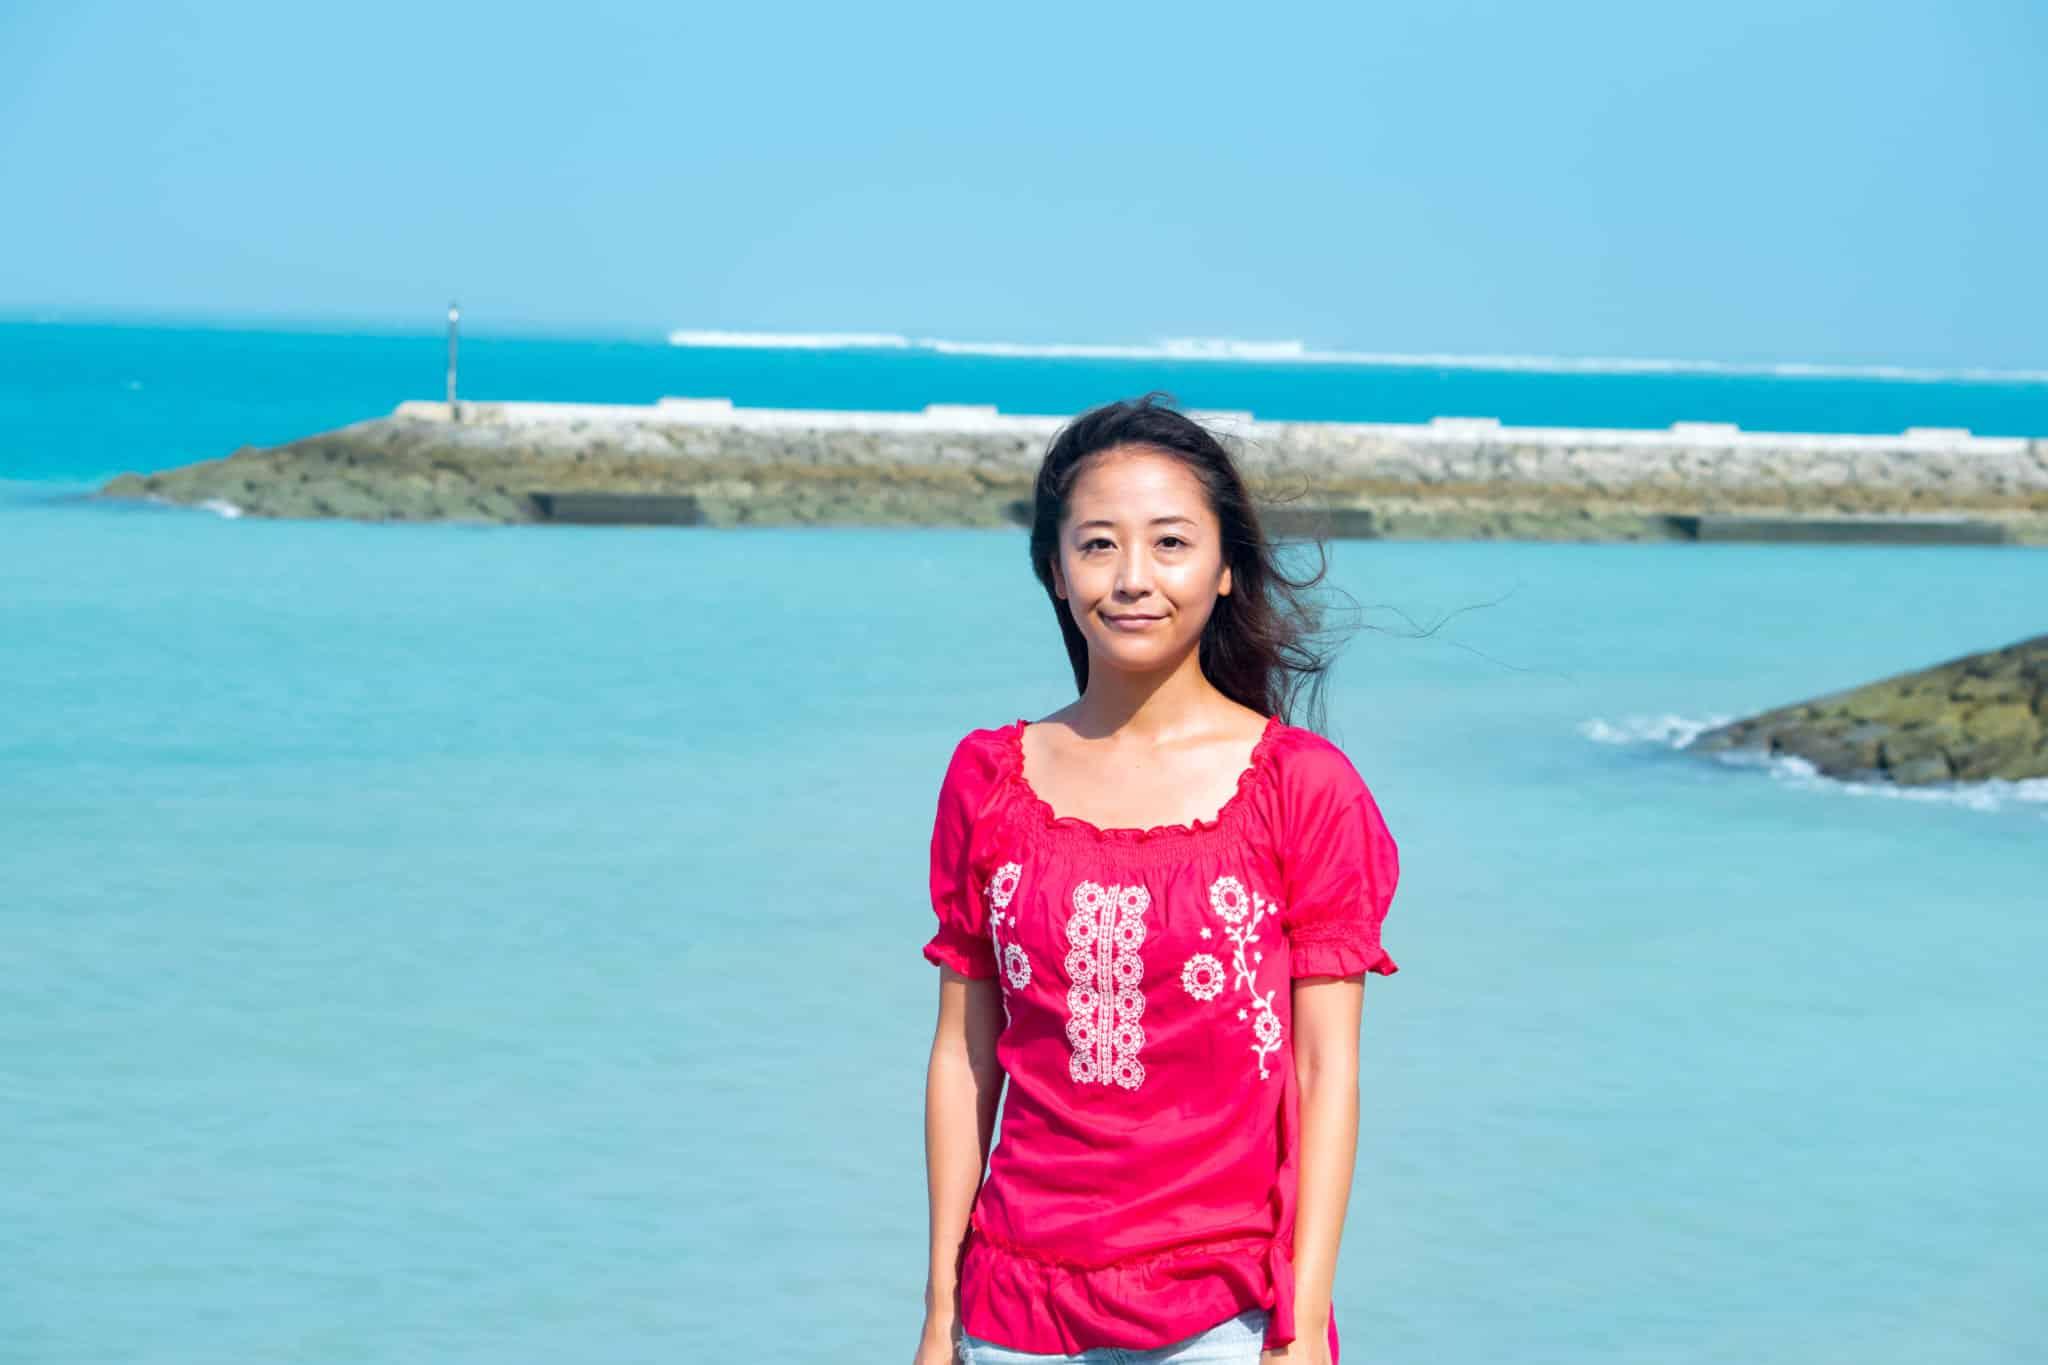 女性の沖縄移住